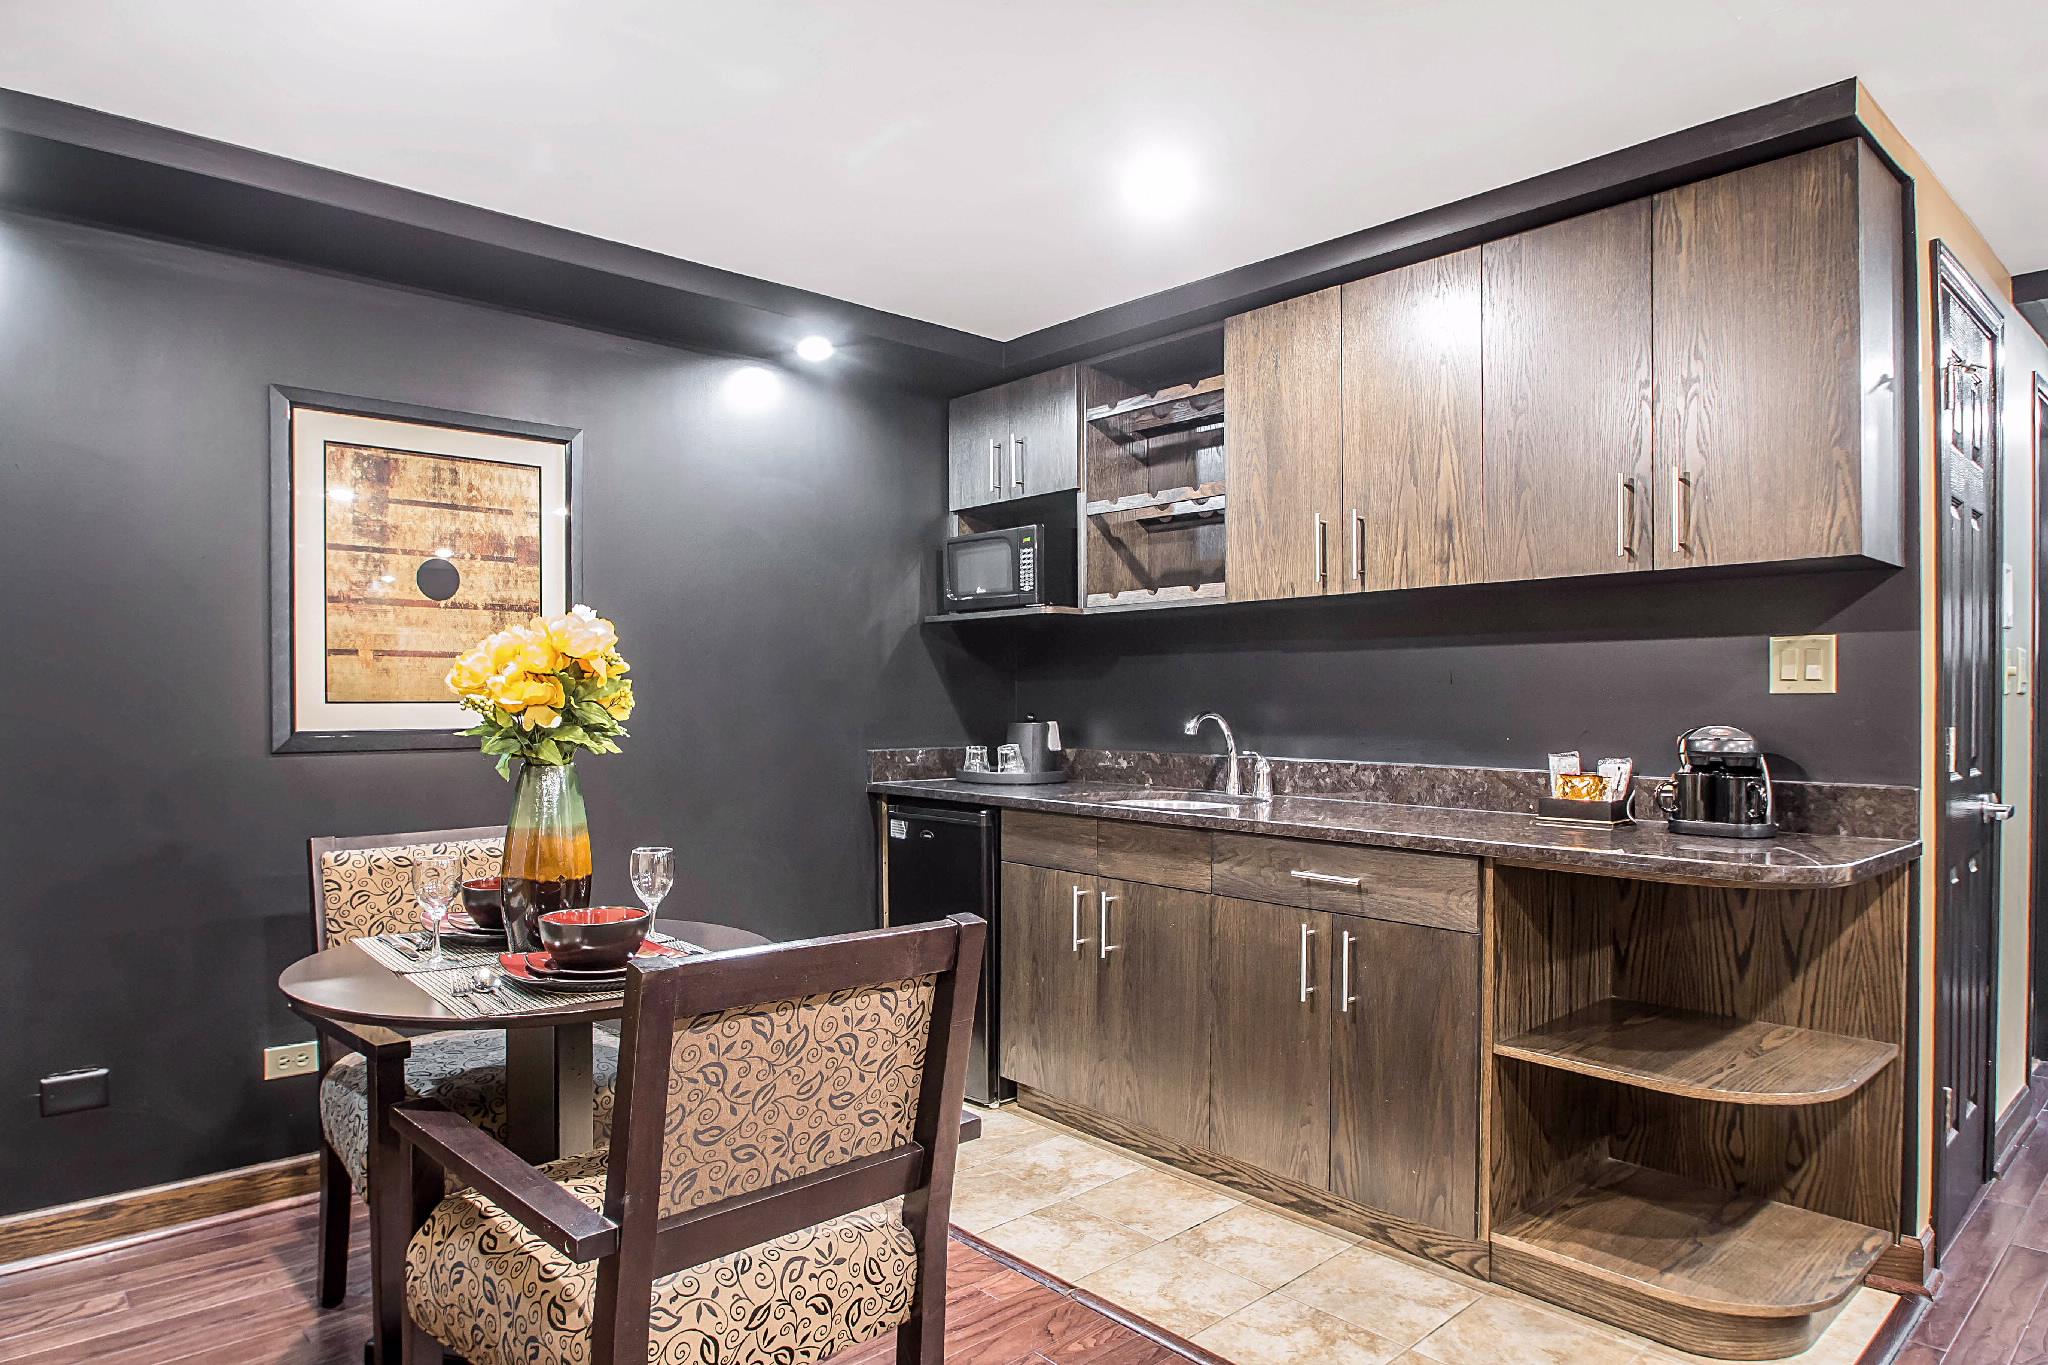 Kitchen In The Honeymoon Suite